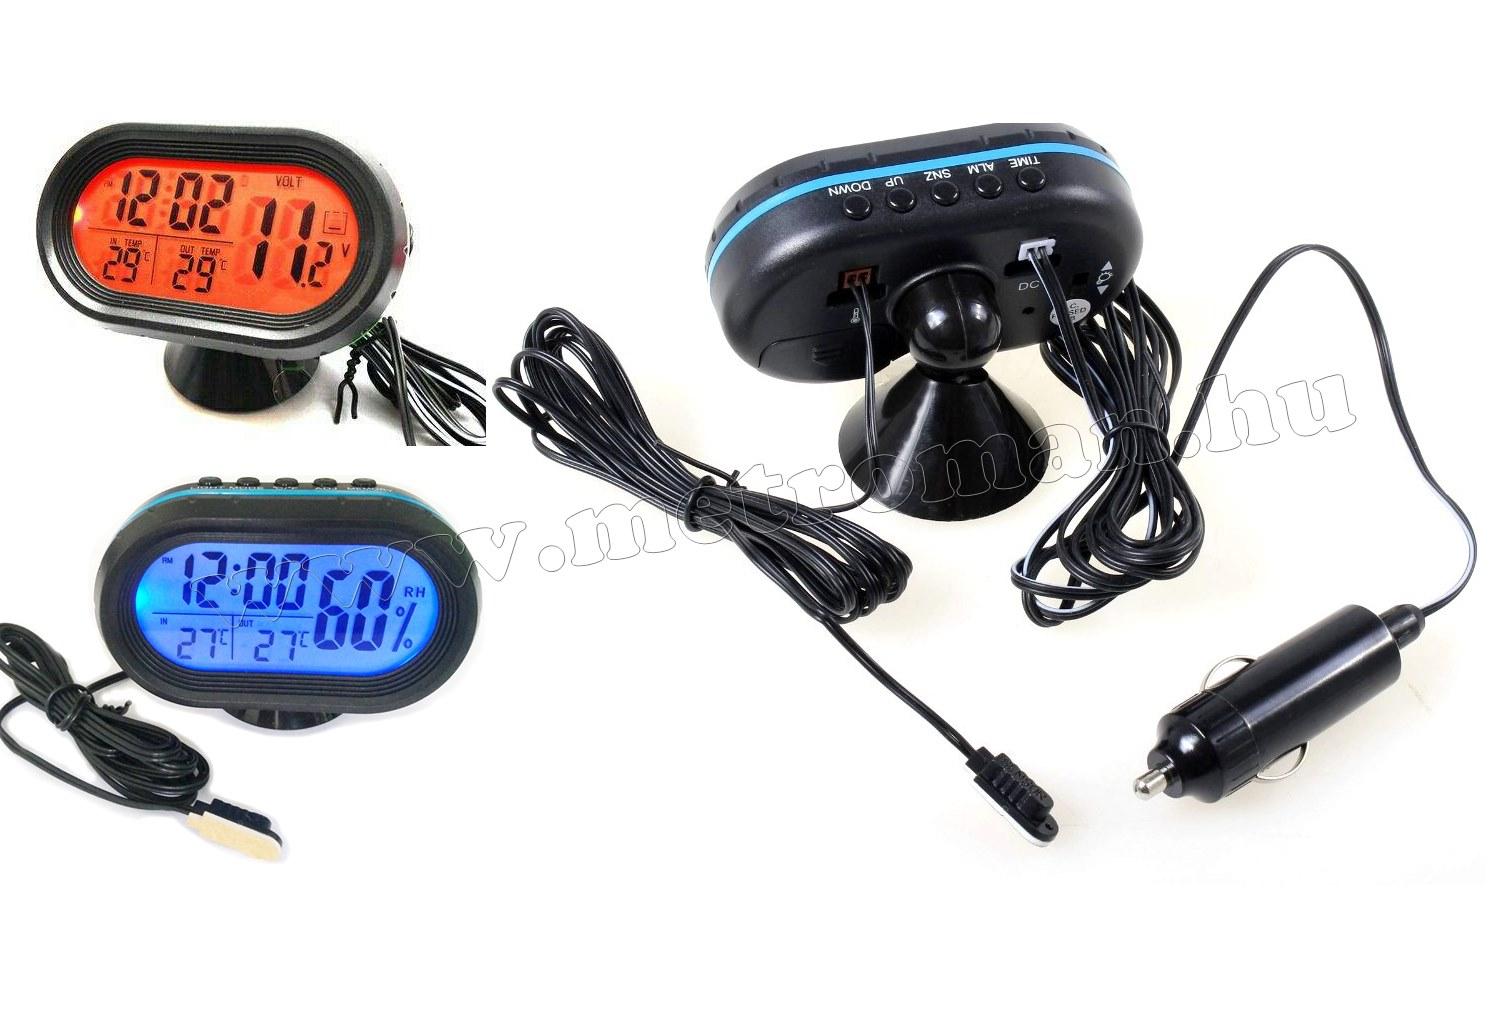 Digitális autós LCD külső-belső hőmérő és óra Voltmérővel M7009VK